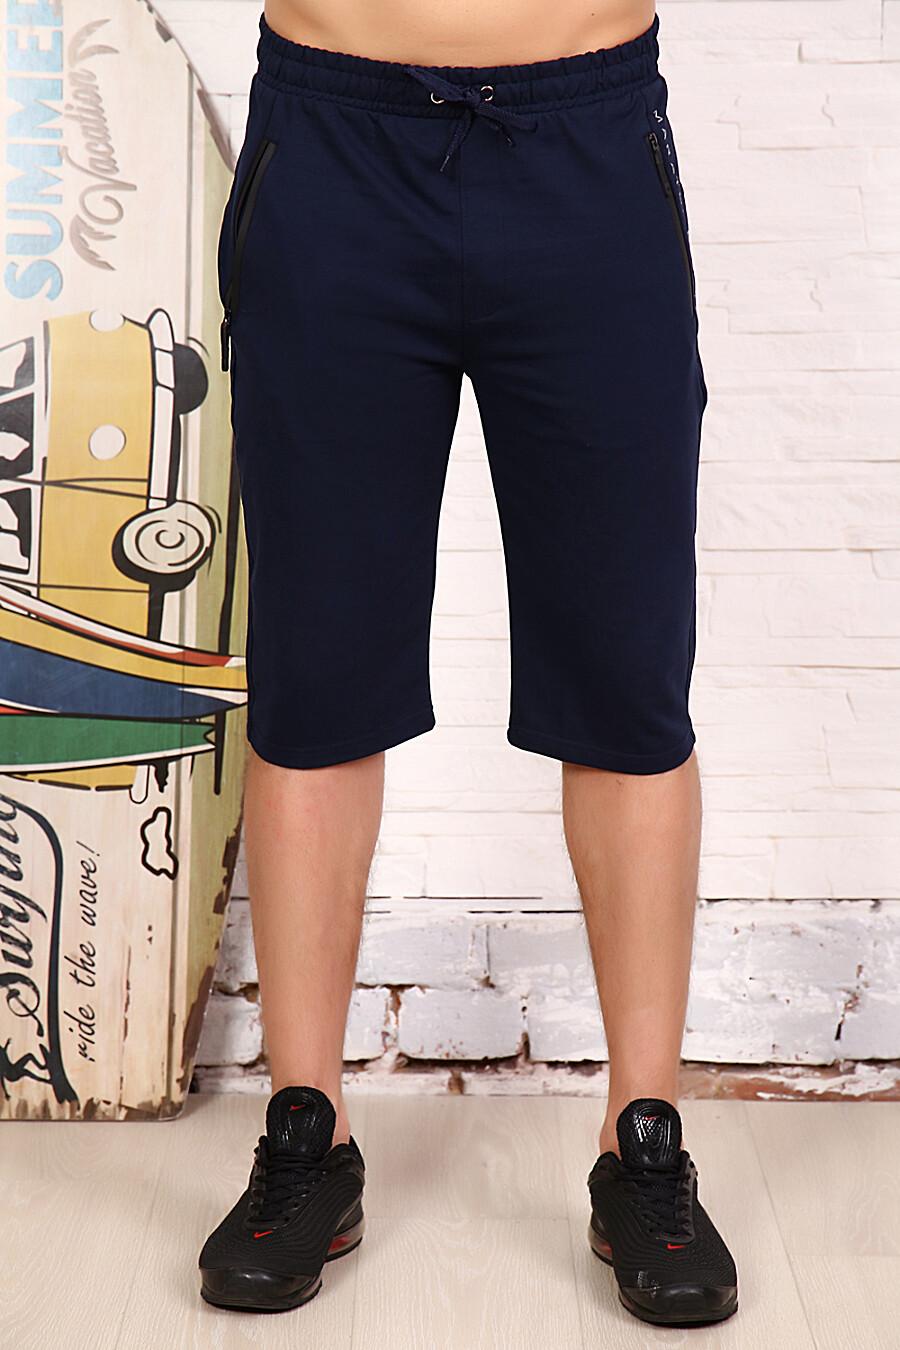 Шорты 26571 для мужчин НАТАЛИ 334760 купить оптом от производителя. Совместная покупка мужской одежды в OptMoyo